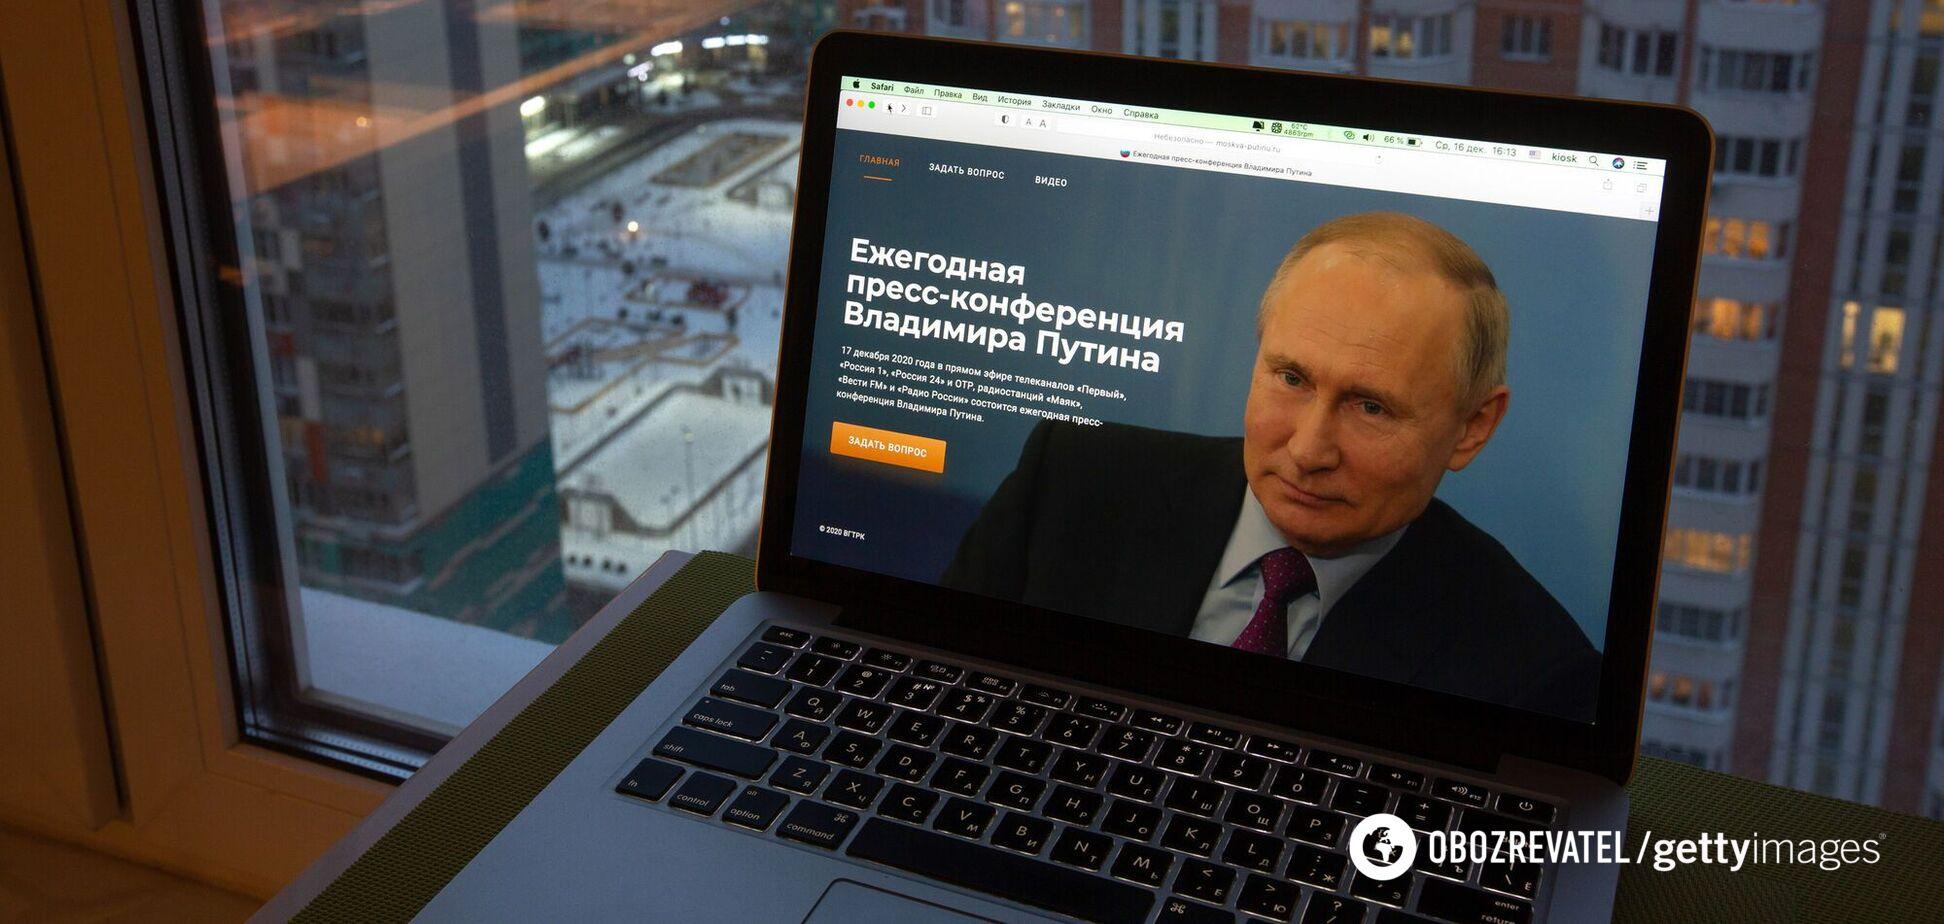 Влада Путіна 'обсиплеться' швидко: Пономарьов назвав умову